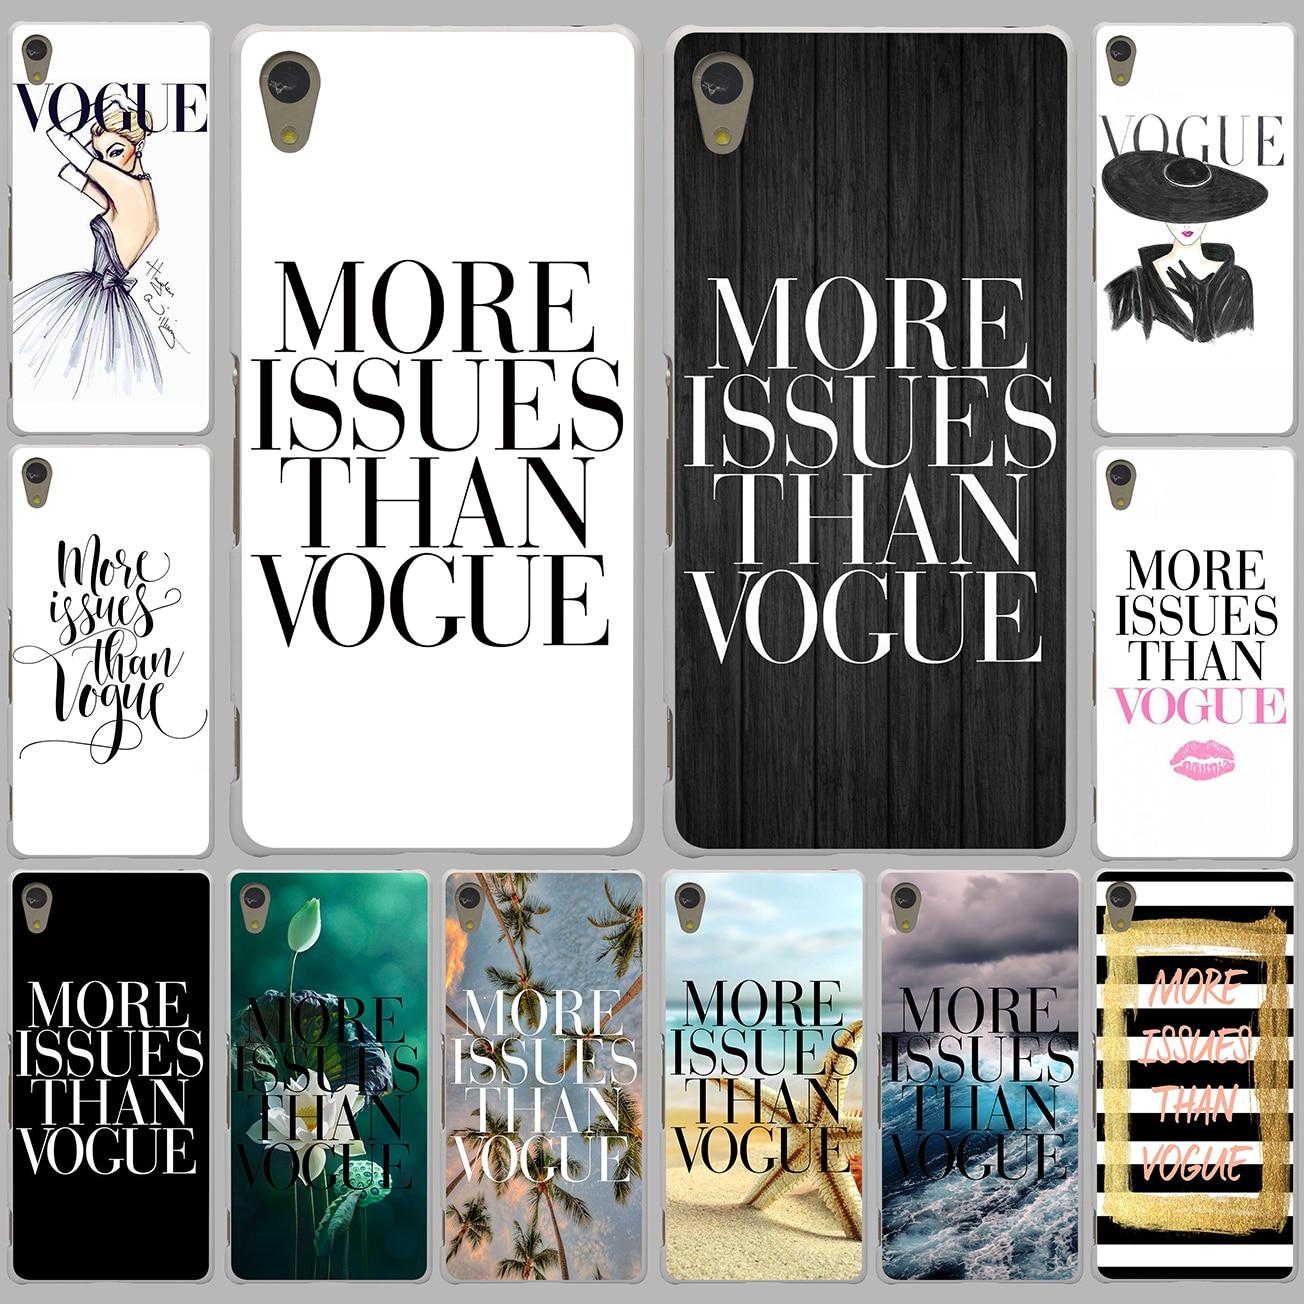 Design poster k3 - Brand New More Issues Than Vogue Poster Case For Lenovo Vibe K3 K4 K5 K6 Note